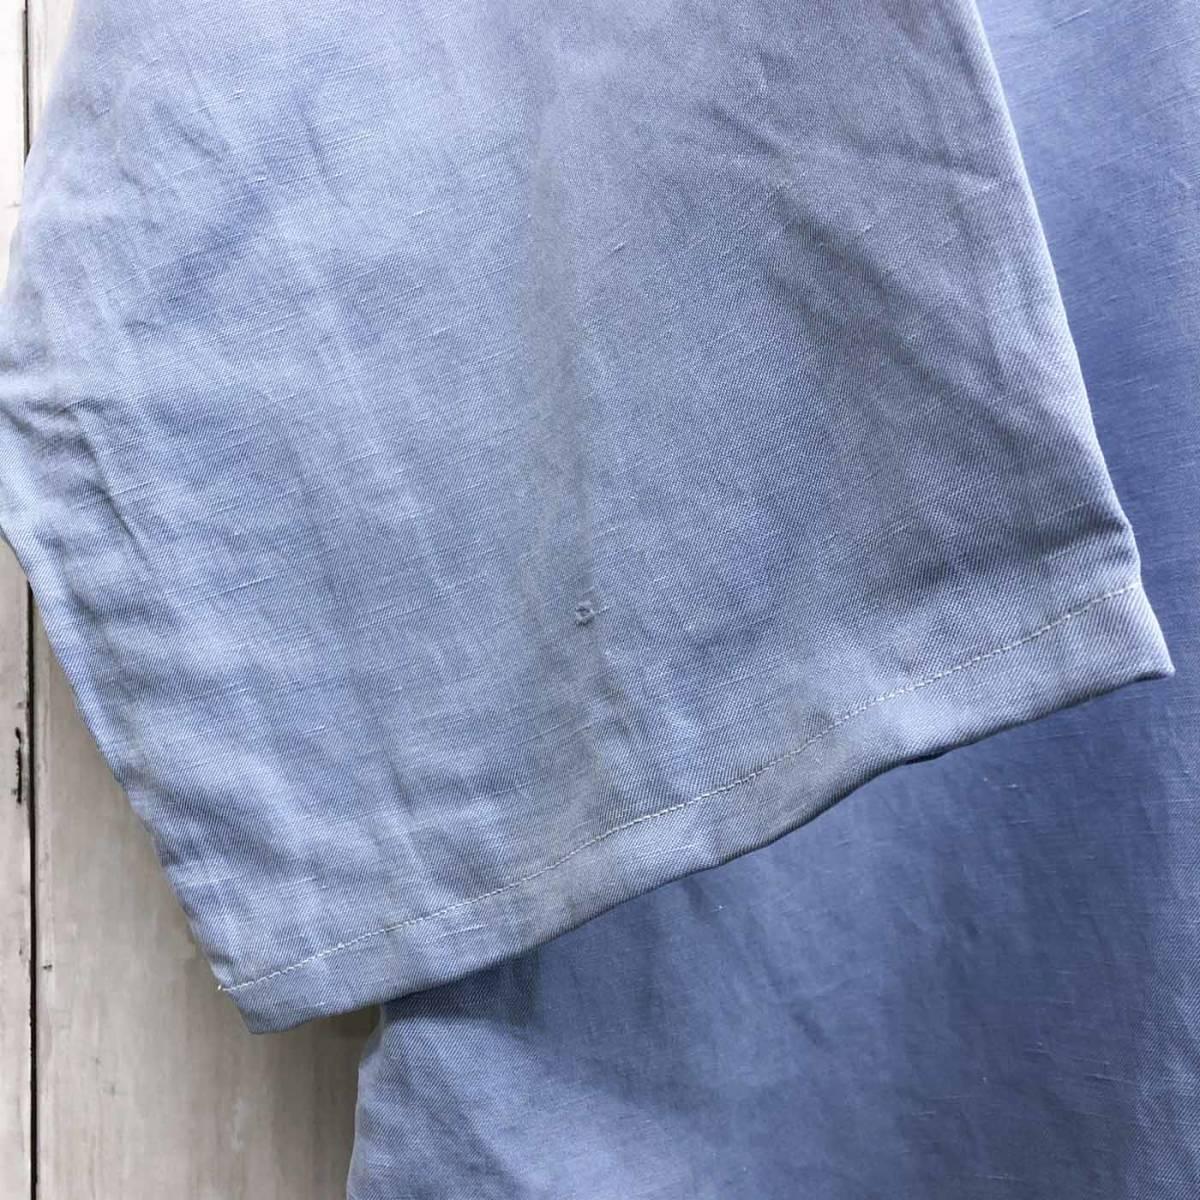 ラルフローレン POLO Ralph Lauren Polo 半袖シャツ 五分丈 メンズ ワンポイント XLサイズ 7-198_画像6